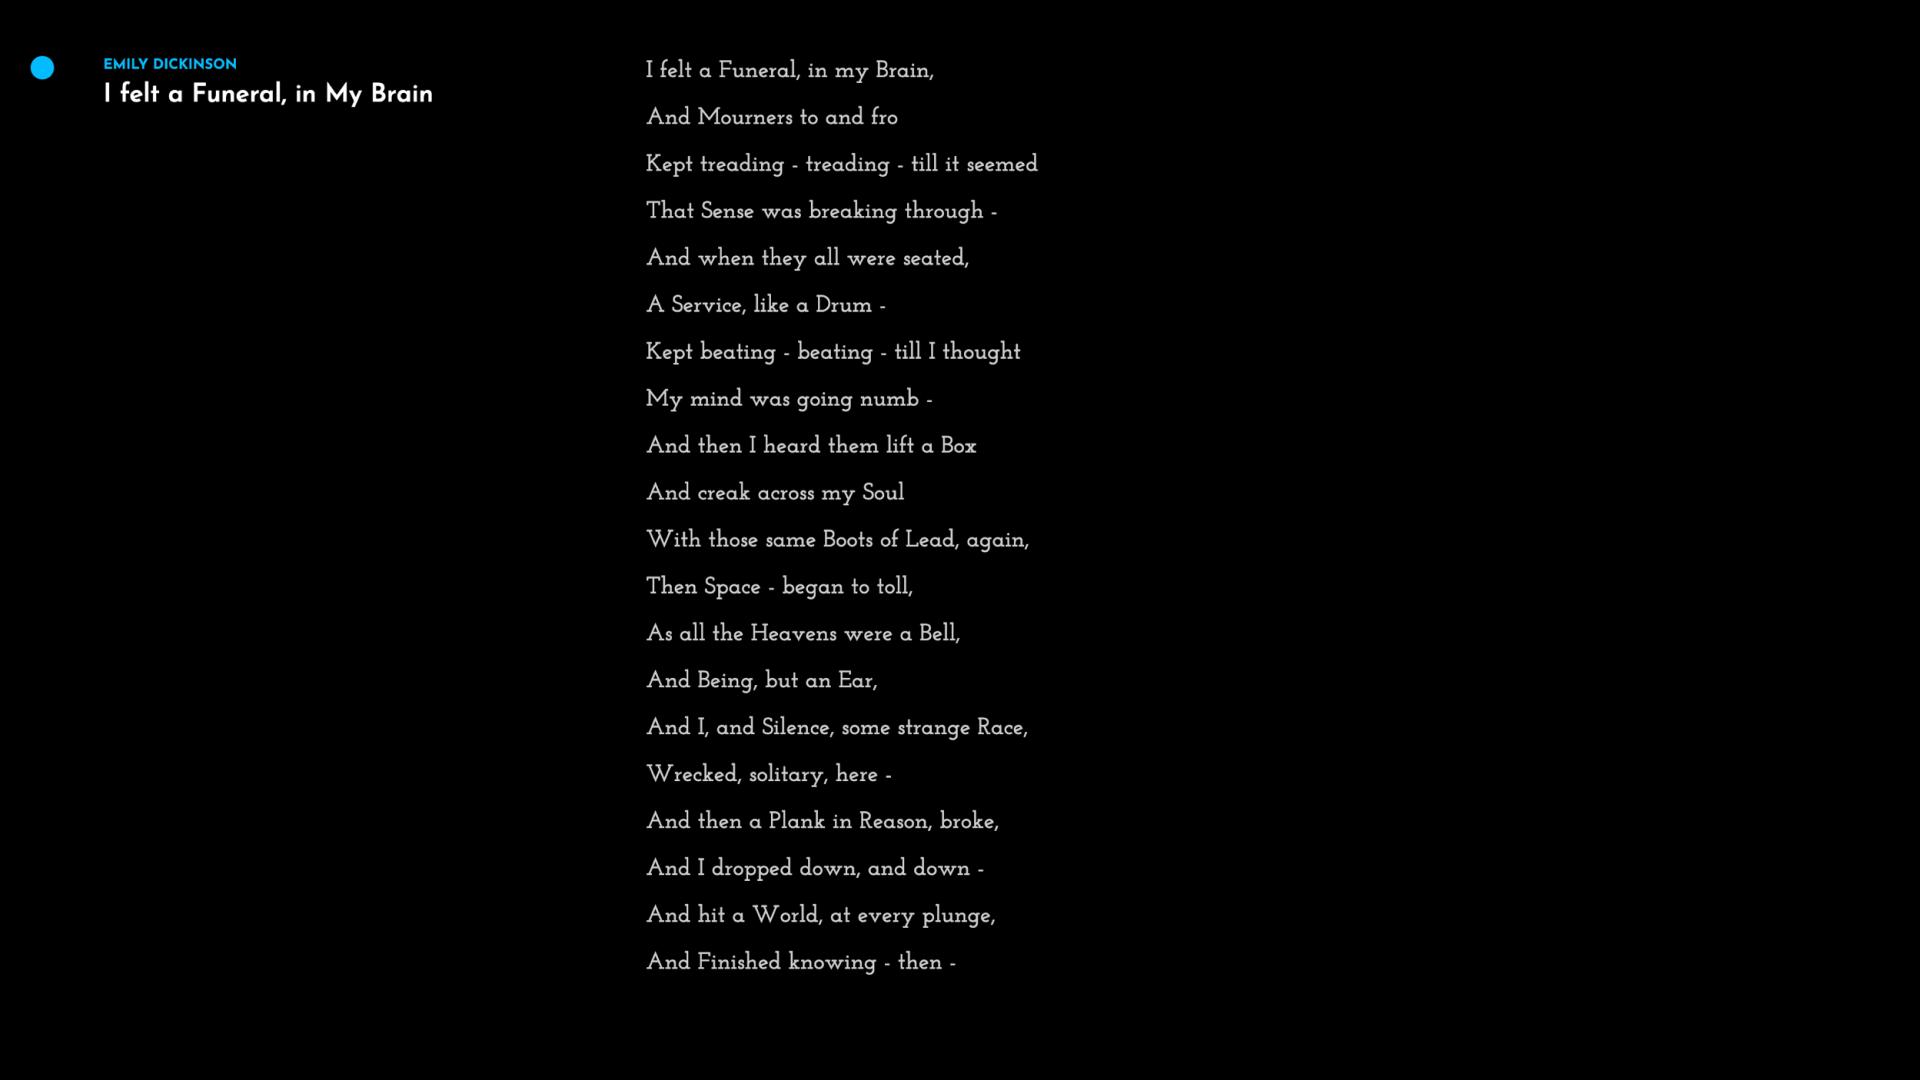 The Poet II